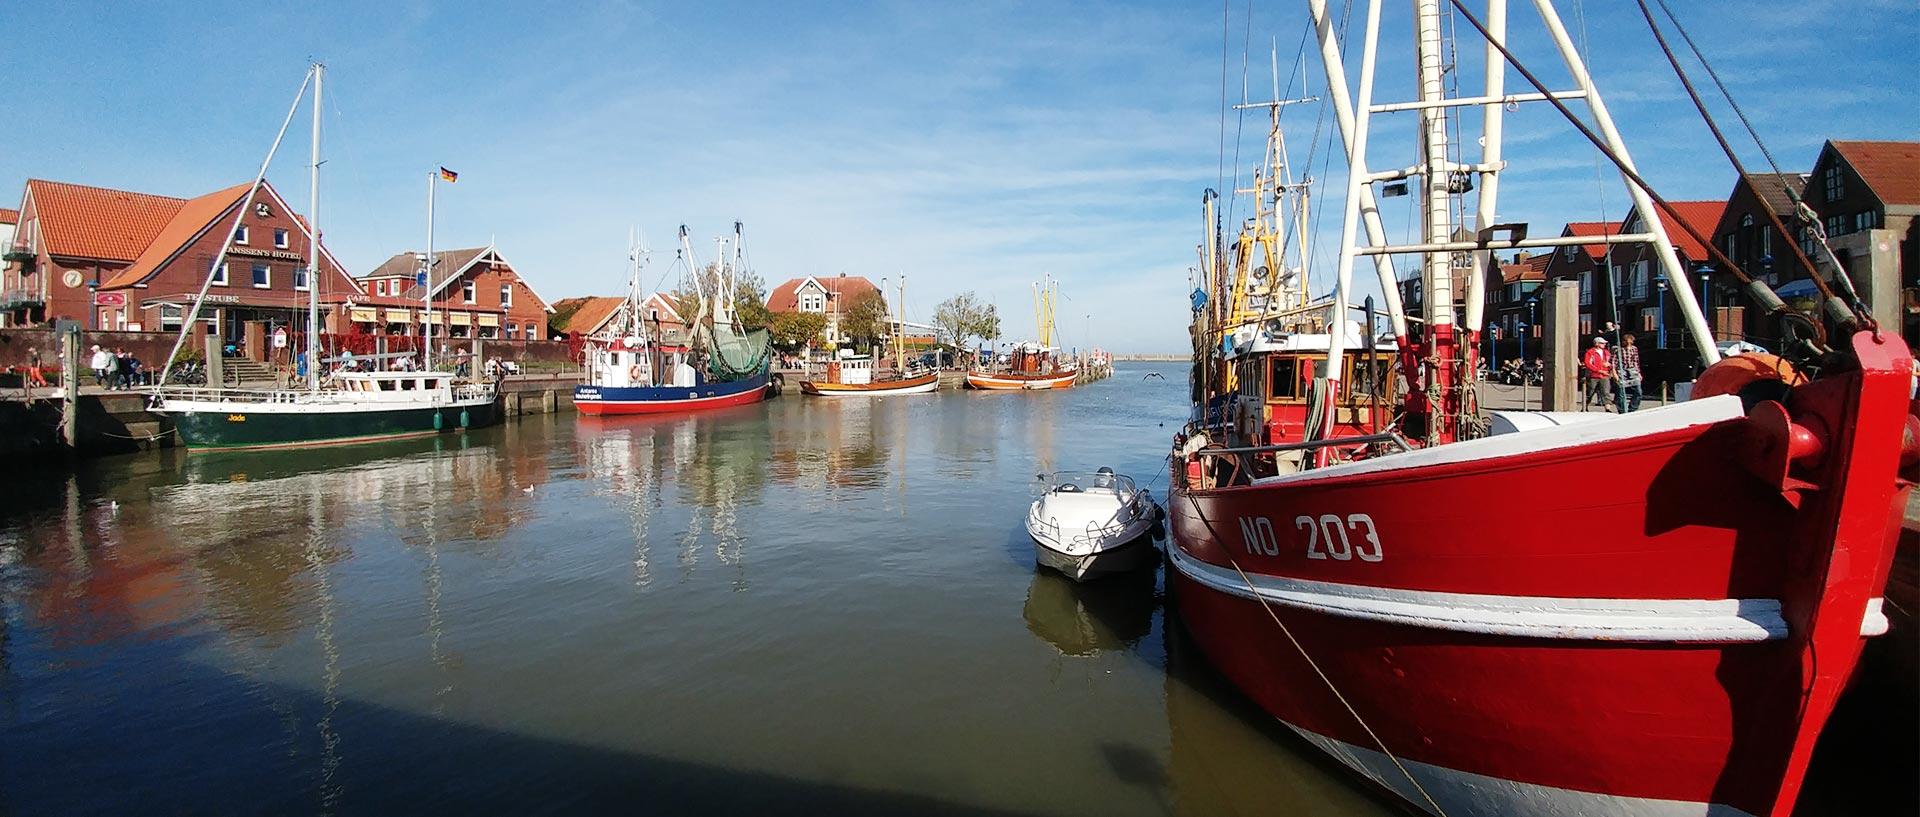 Neuharlingersiel Hafen Kutter